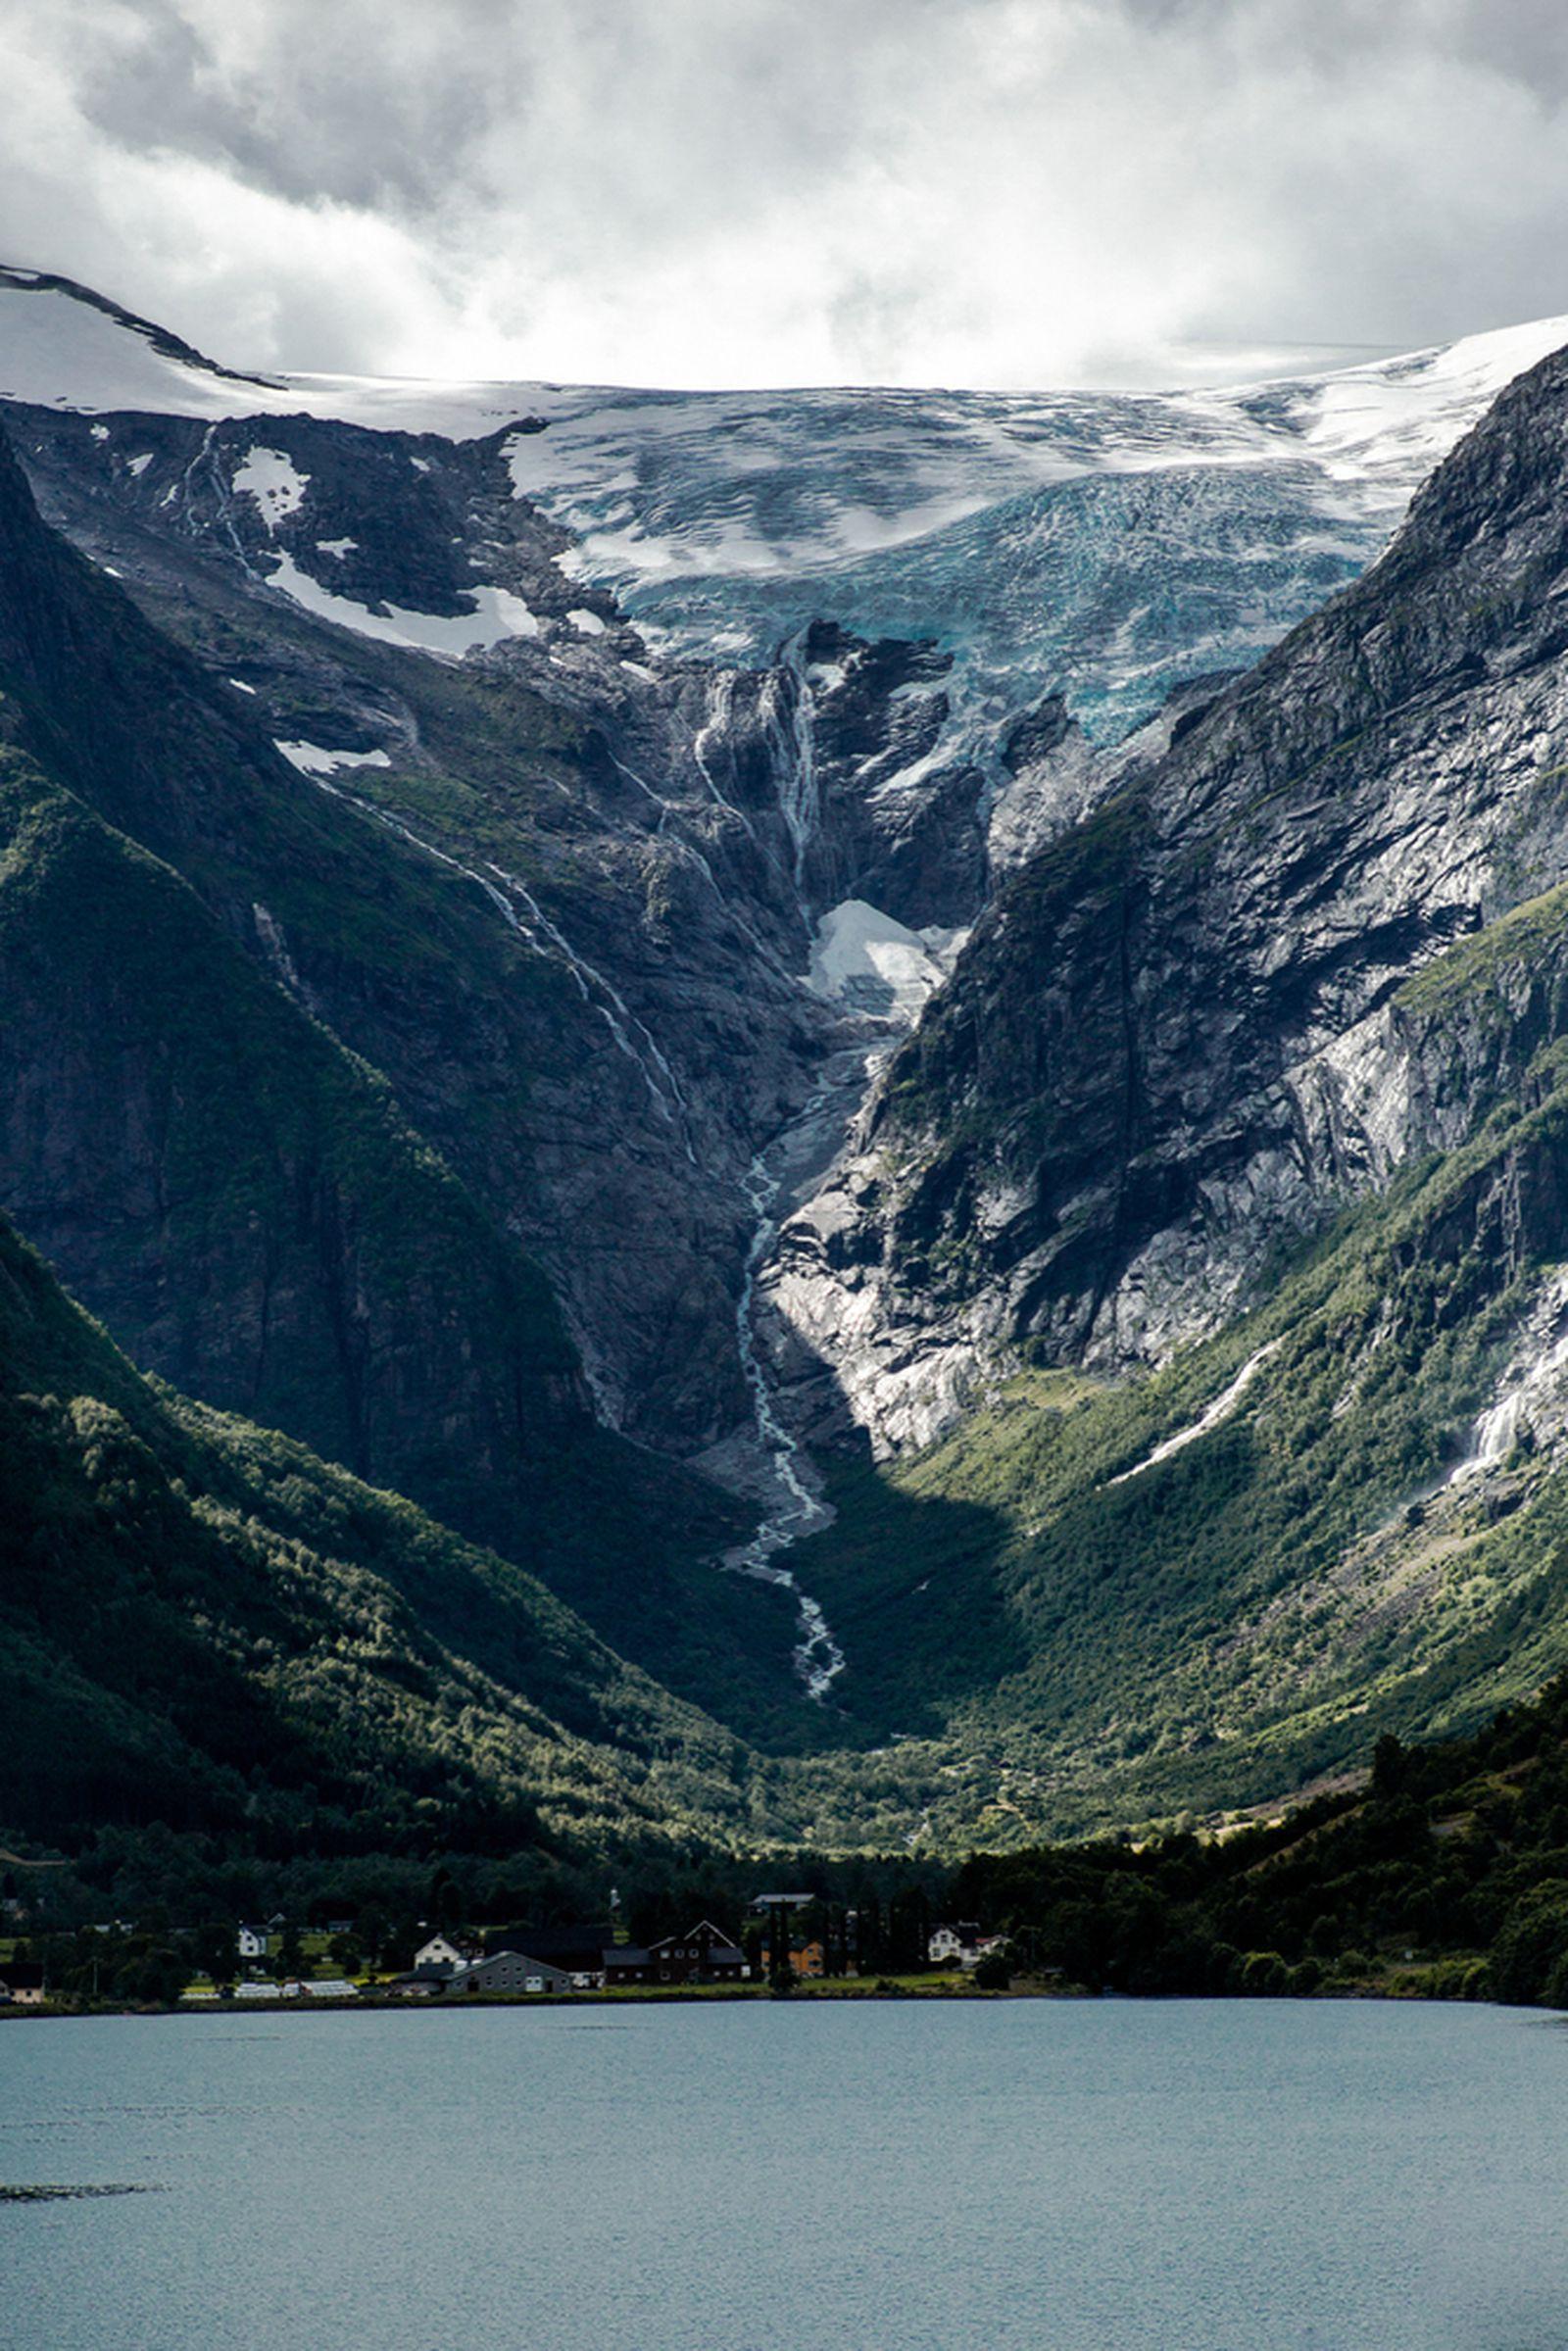 Прекрасни глечери, тиркизни езера и водопади: Добредојдовте во норвешкото кралство на природата!